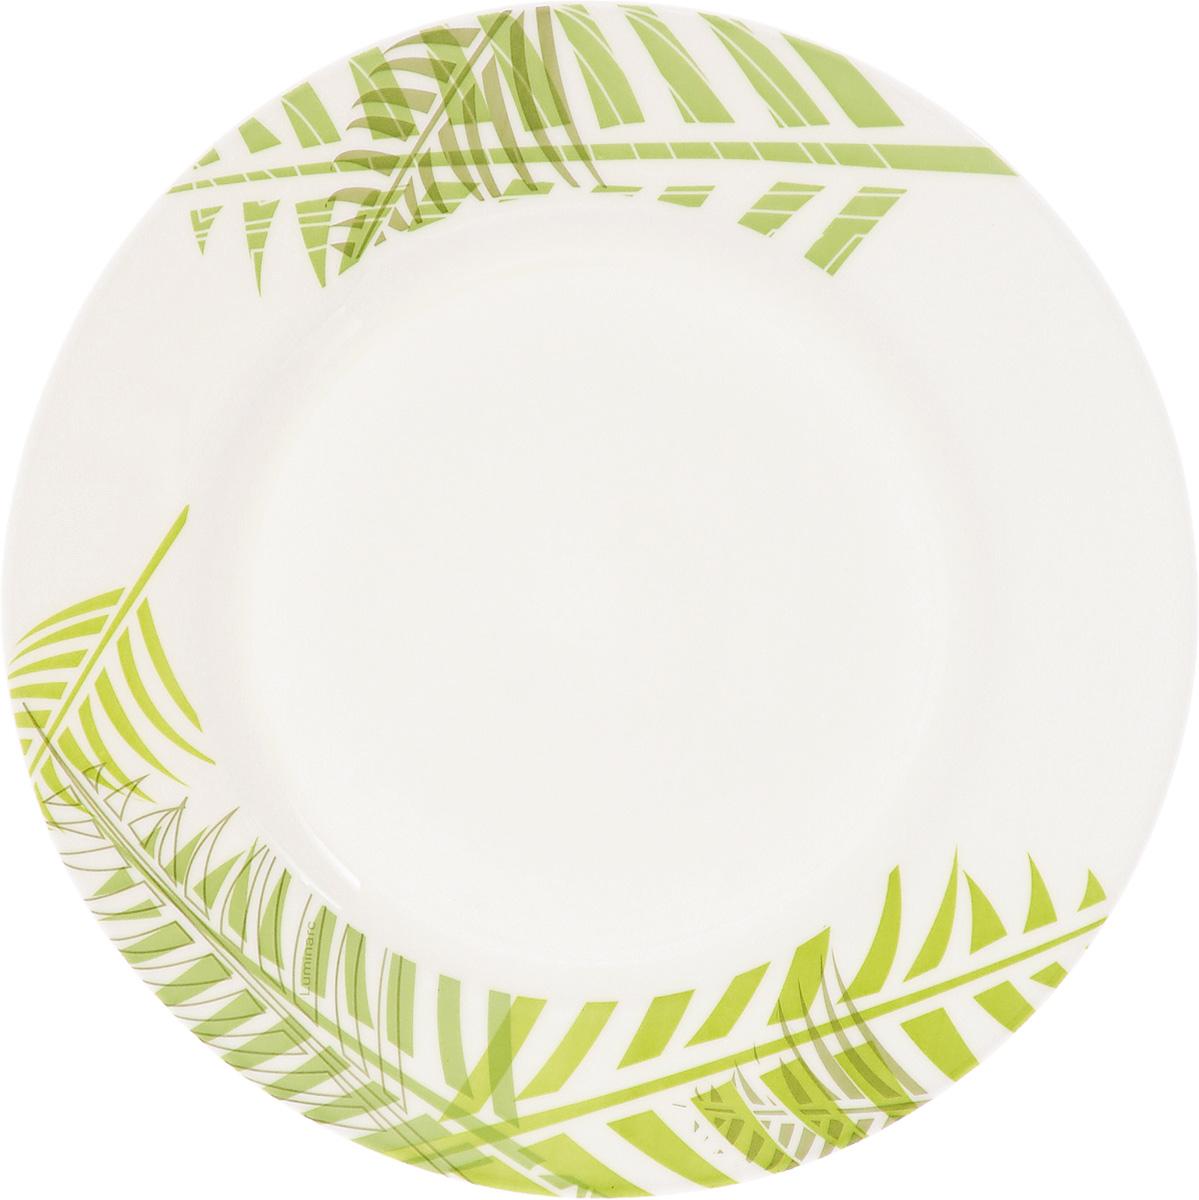 Тарелка десертная Luminarc Green Forest, диаметр 19 см115510Десертная тарелка Luminarc Green Forest, изготовленная из ударопрочного стекла, имеет изысканный внешний вид. Такая тарелка прекрасно подходит как для торжественных случаев, так и для повседневного использования. Идеальна для подачи десертов, пирожных, тортов и многого другого. Она прекрасно оформит стол и станет отличным дополнением к вашей коллекции кухонной посуды. Диаметр тарелки (по верхнему краю): 19 см. Высота тарелки: 1,5 см.